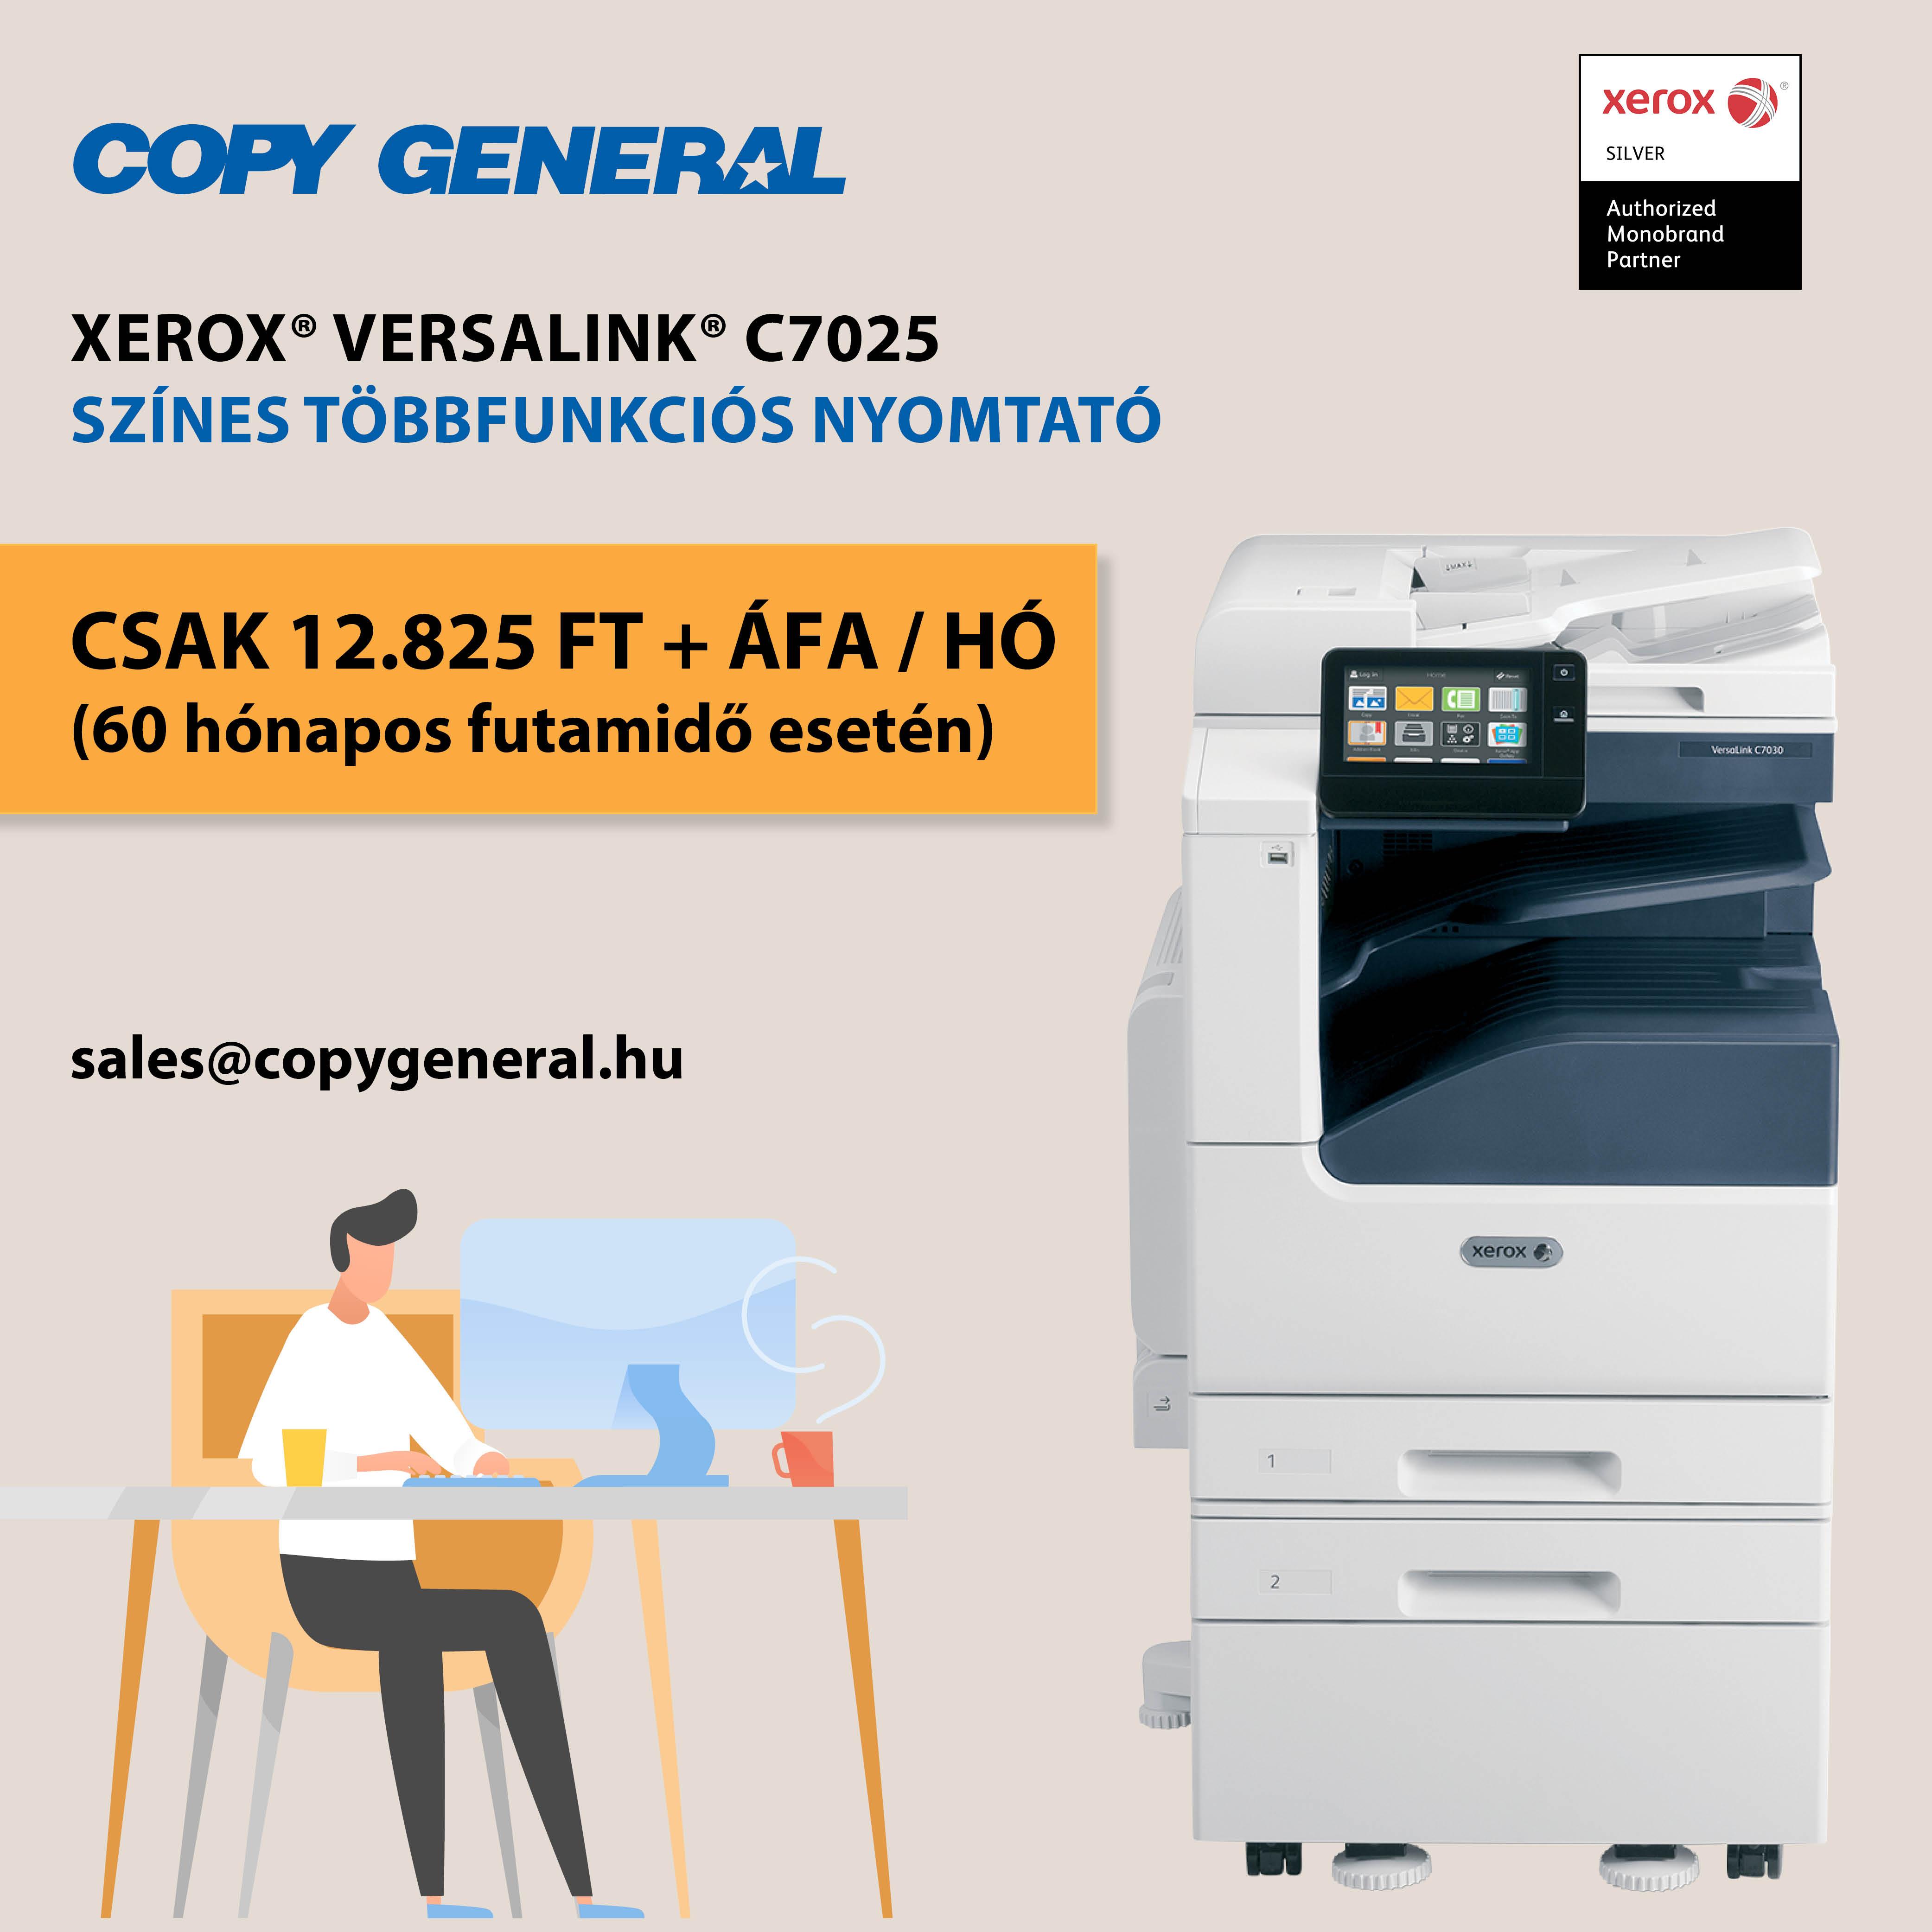 xerox-c7025.jpg